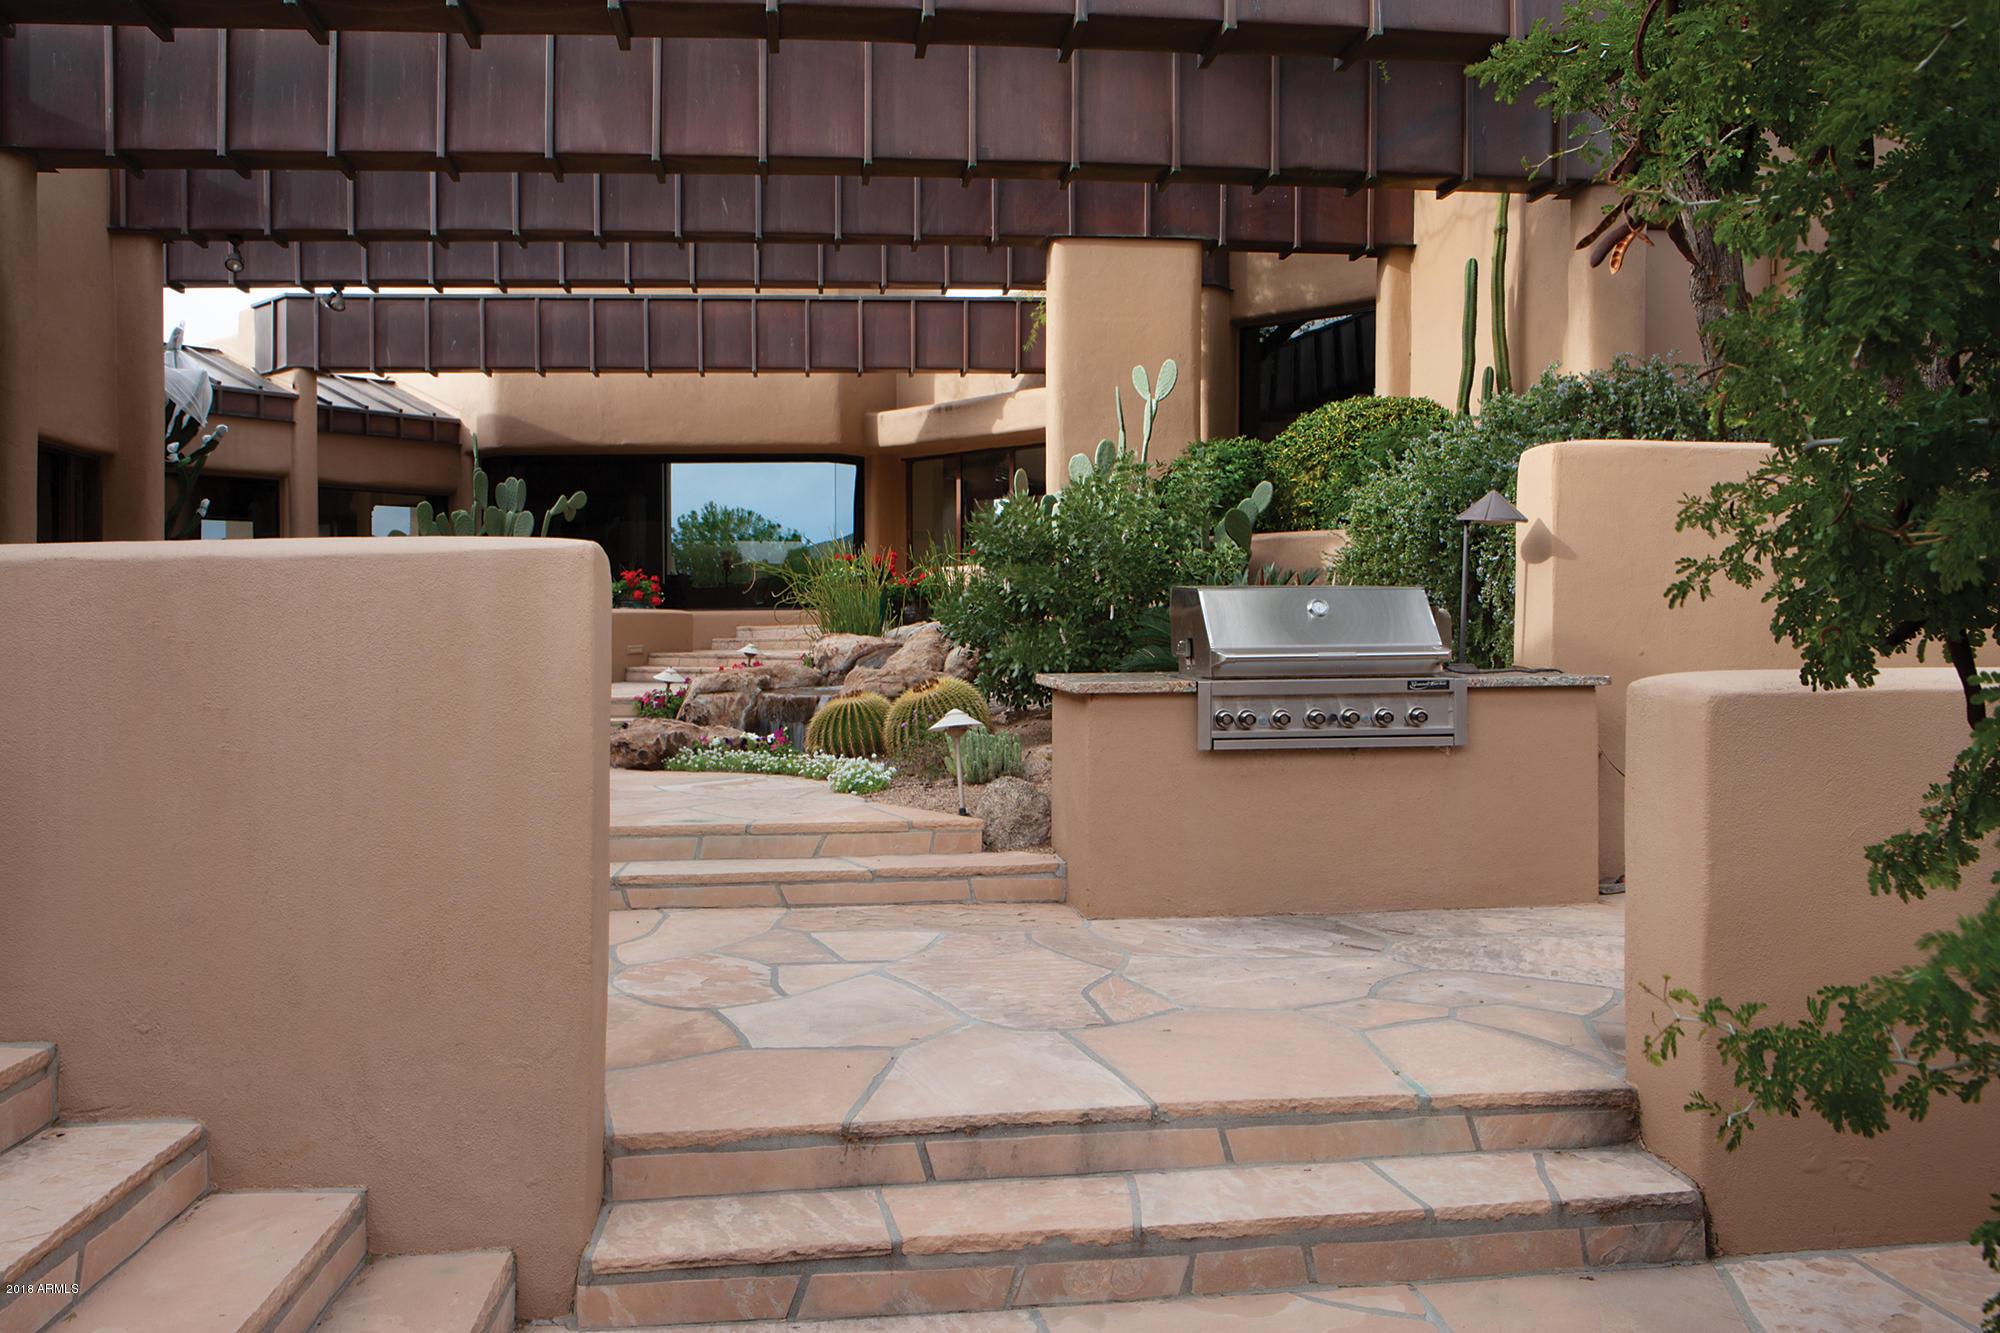 MLS 5858386 10794 E Salero Drive, Scottsdale, AZ 85262 Scottsdale AZ Private Pool